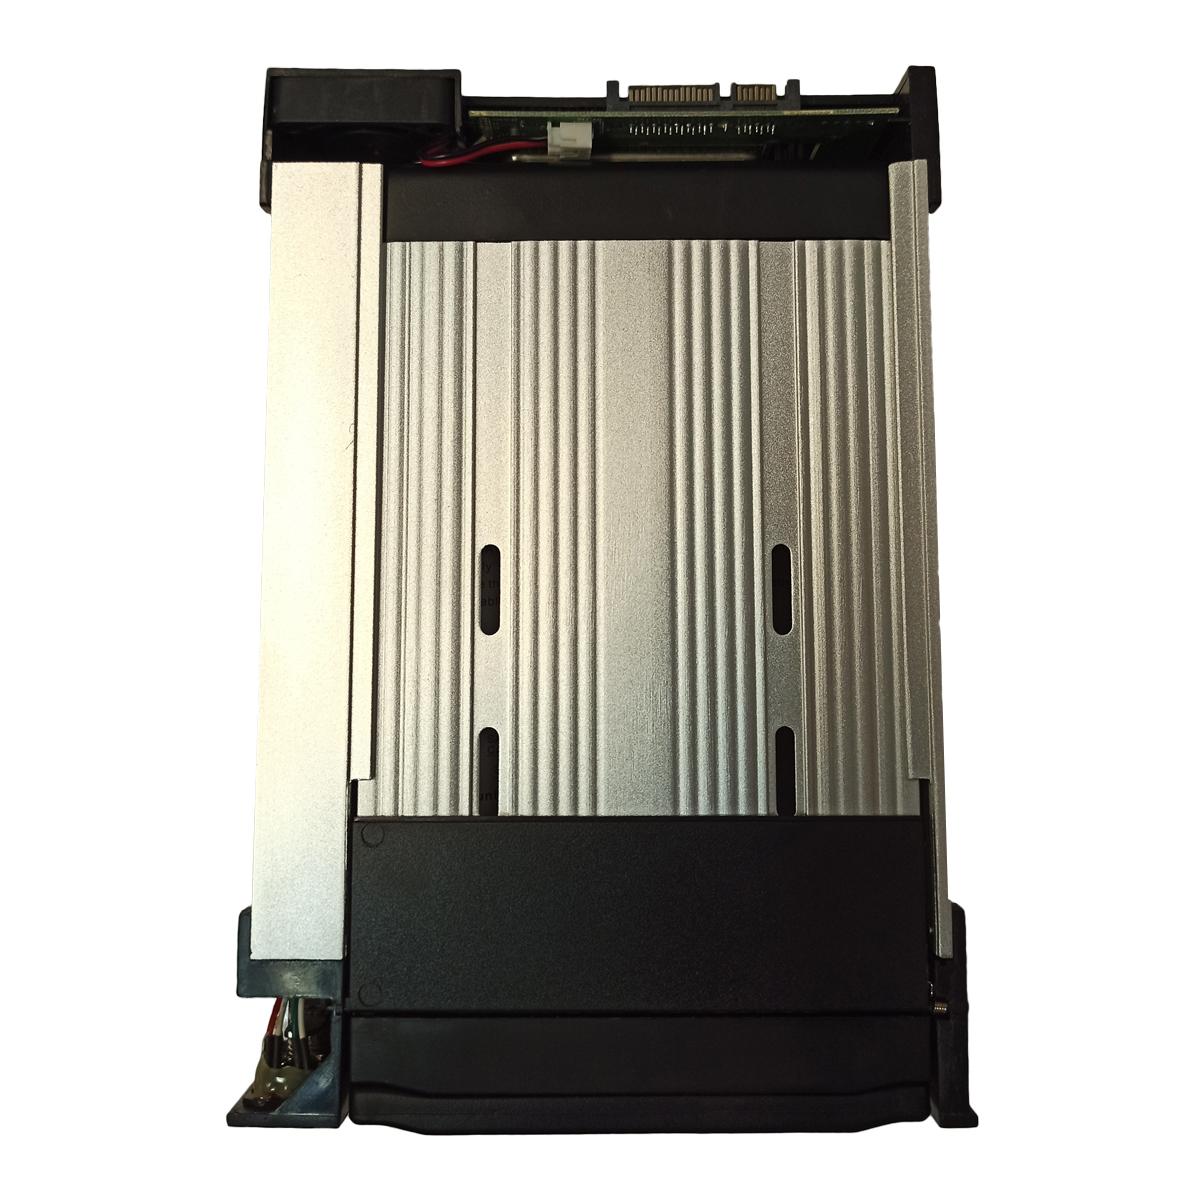 قاب هارد اکسترنال 3.5 اینچی امگا  مدل Mobile Rack